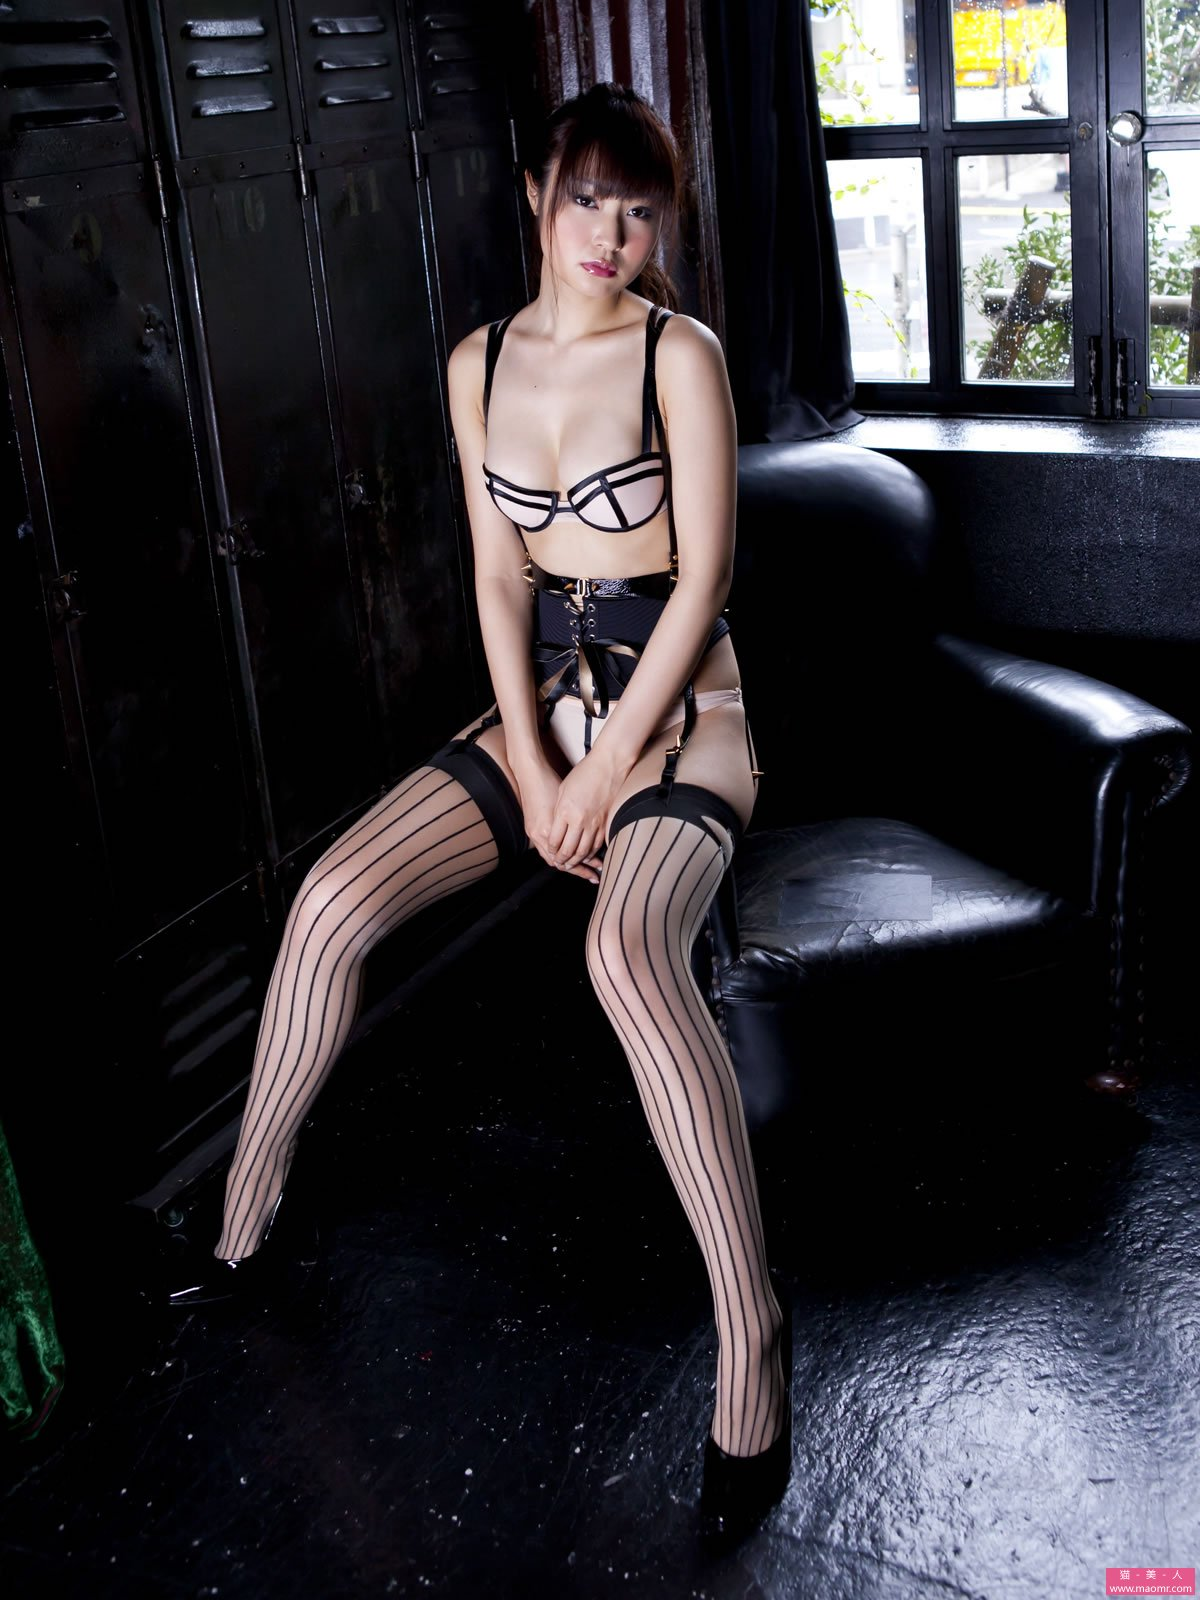 重口味吊丝外挑战视觉极限高清美女组图,那时候的我还是很单纯的,哪知道穿个丝袜能在床上有那么大杀伤力 。  我还特意拍照留念了第一次拆开丝袜的时刻。   第一次在寝室拆开丝袜    你说那时男朋友也喜欢